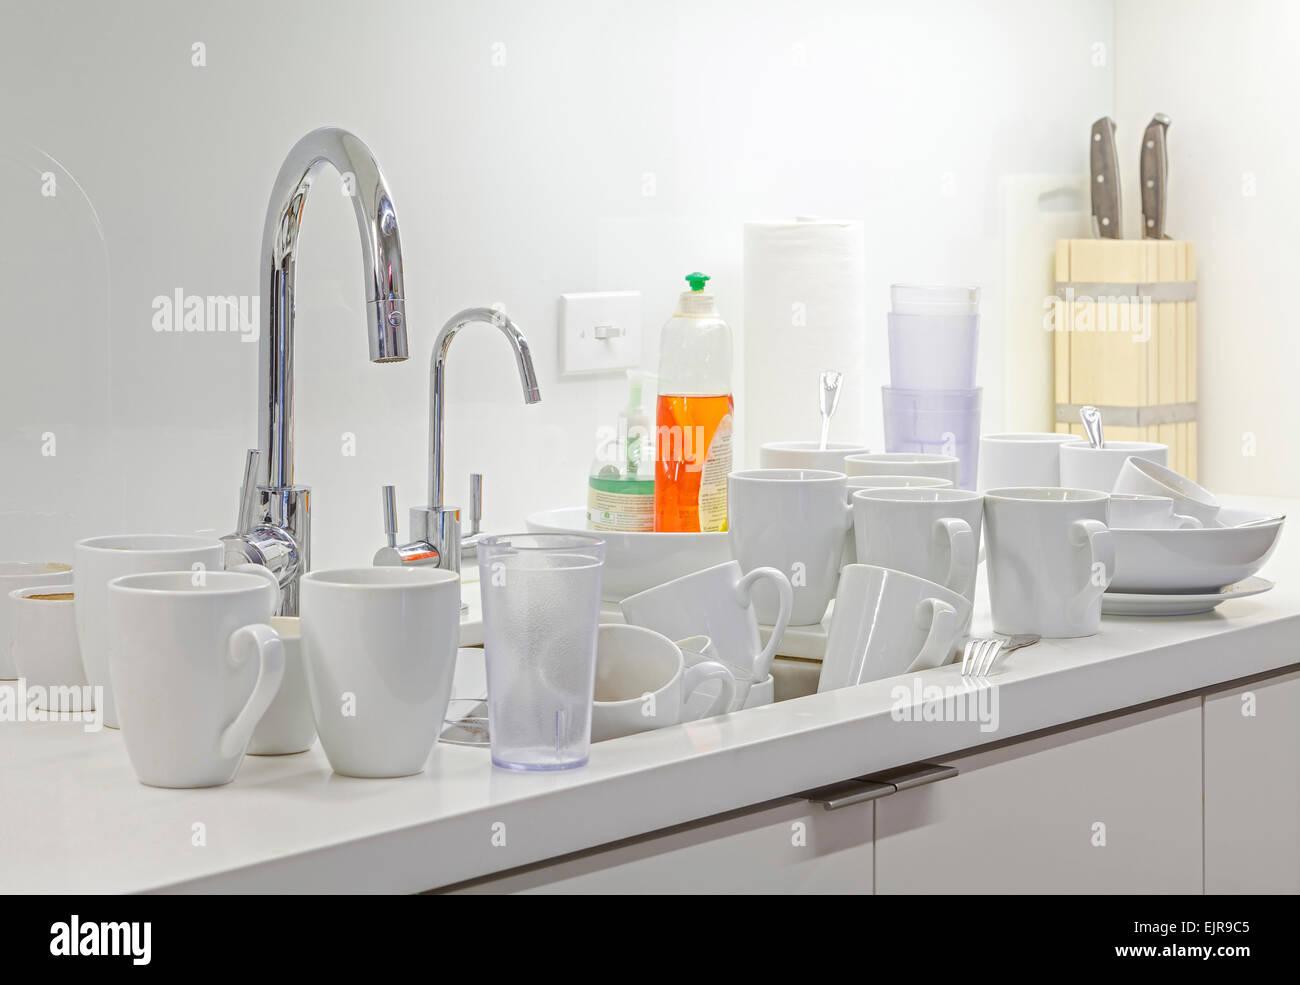 La vaisselle sale près de l'évier de cuisine Banque D'Images